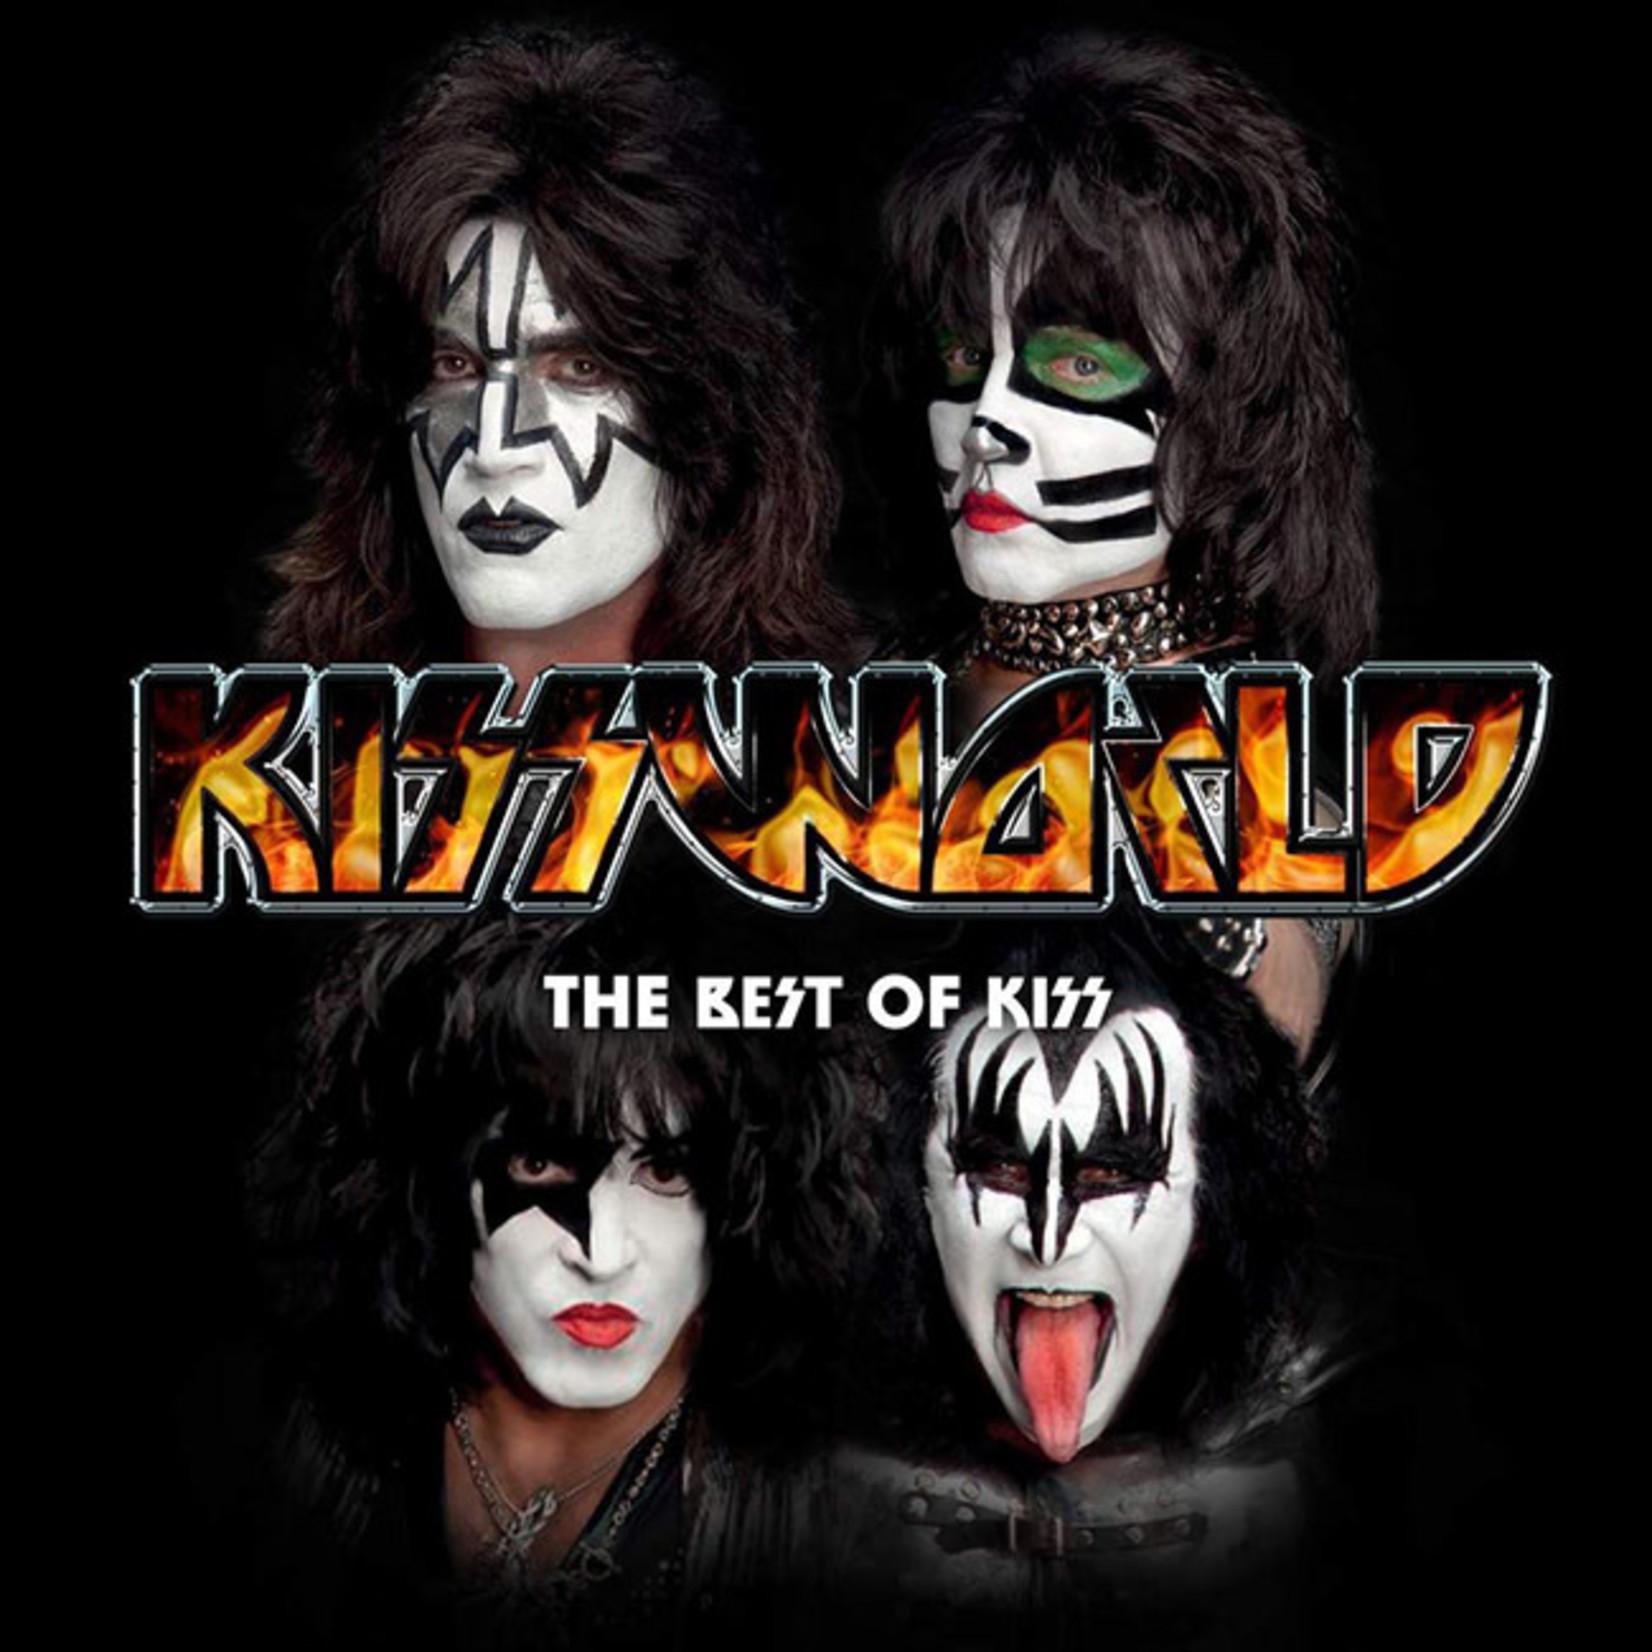 [New] Kiss: Kissworld: The Best of Kiss (2LP)